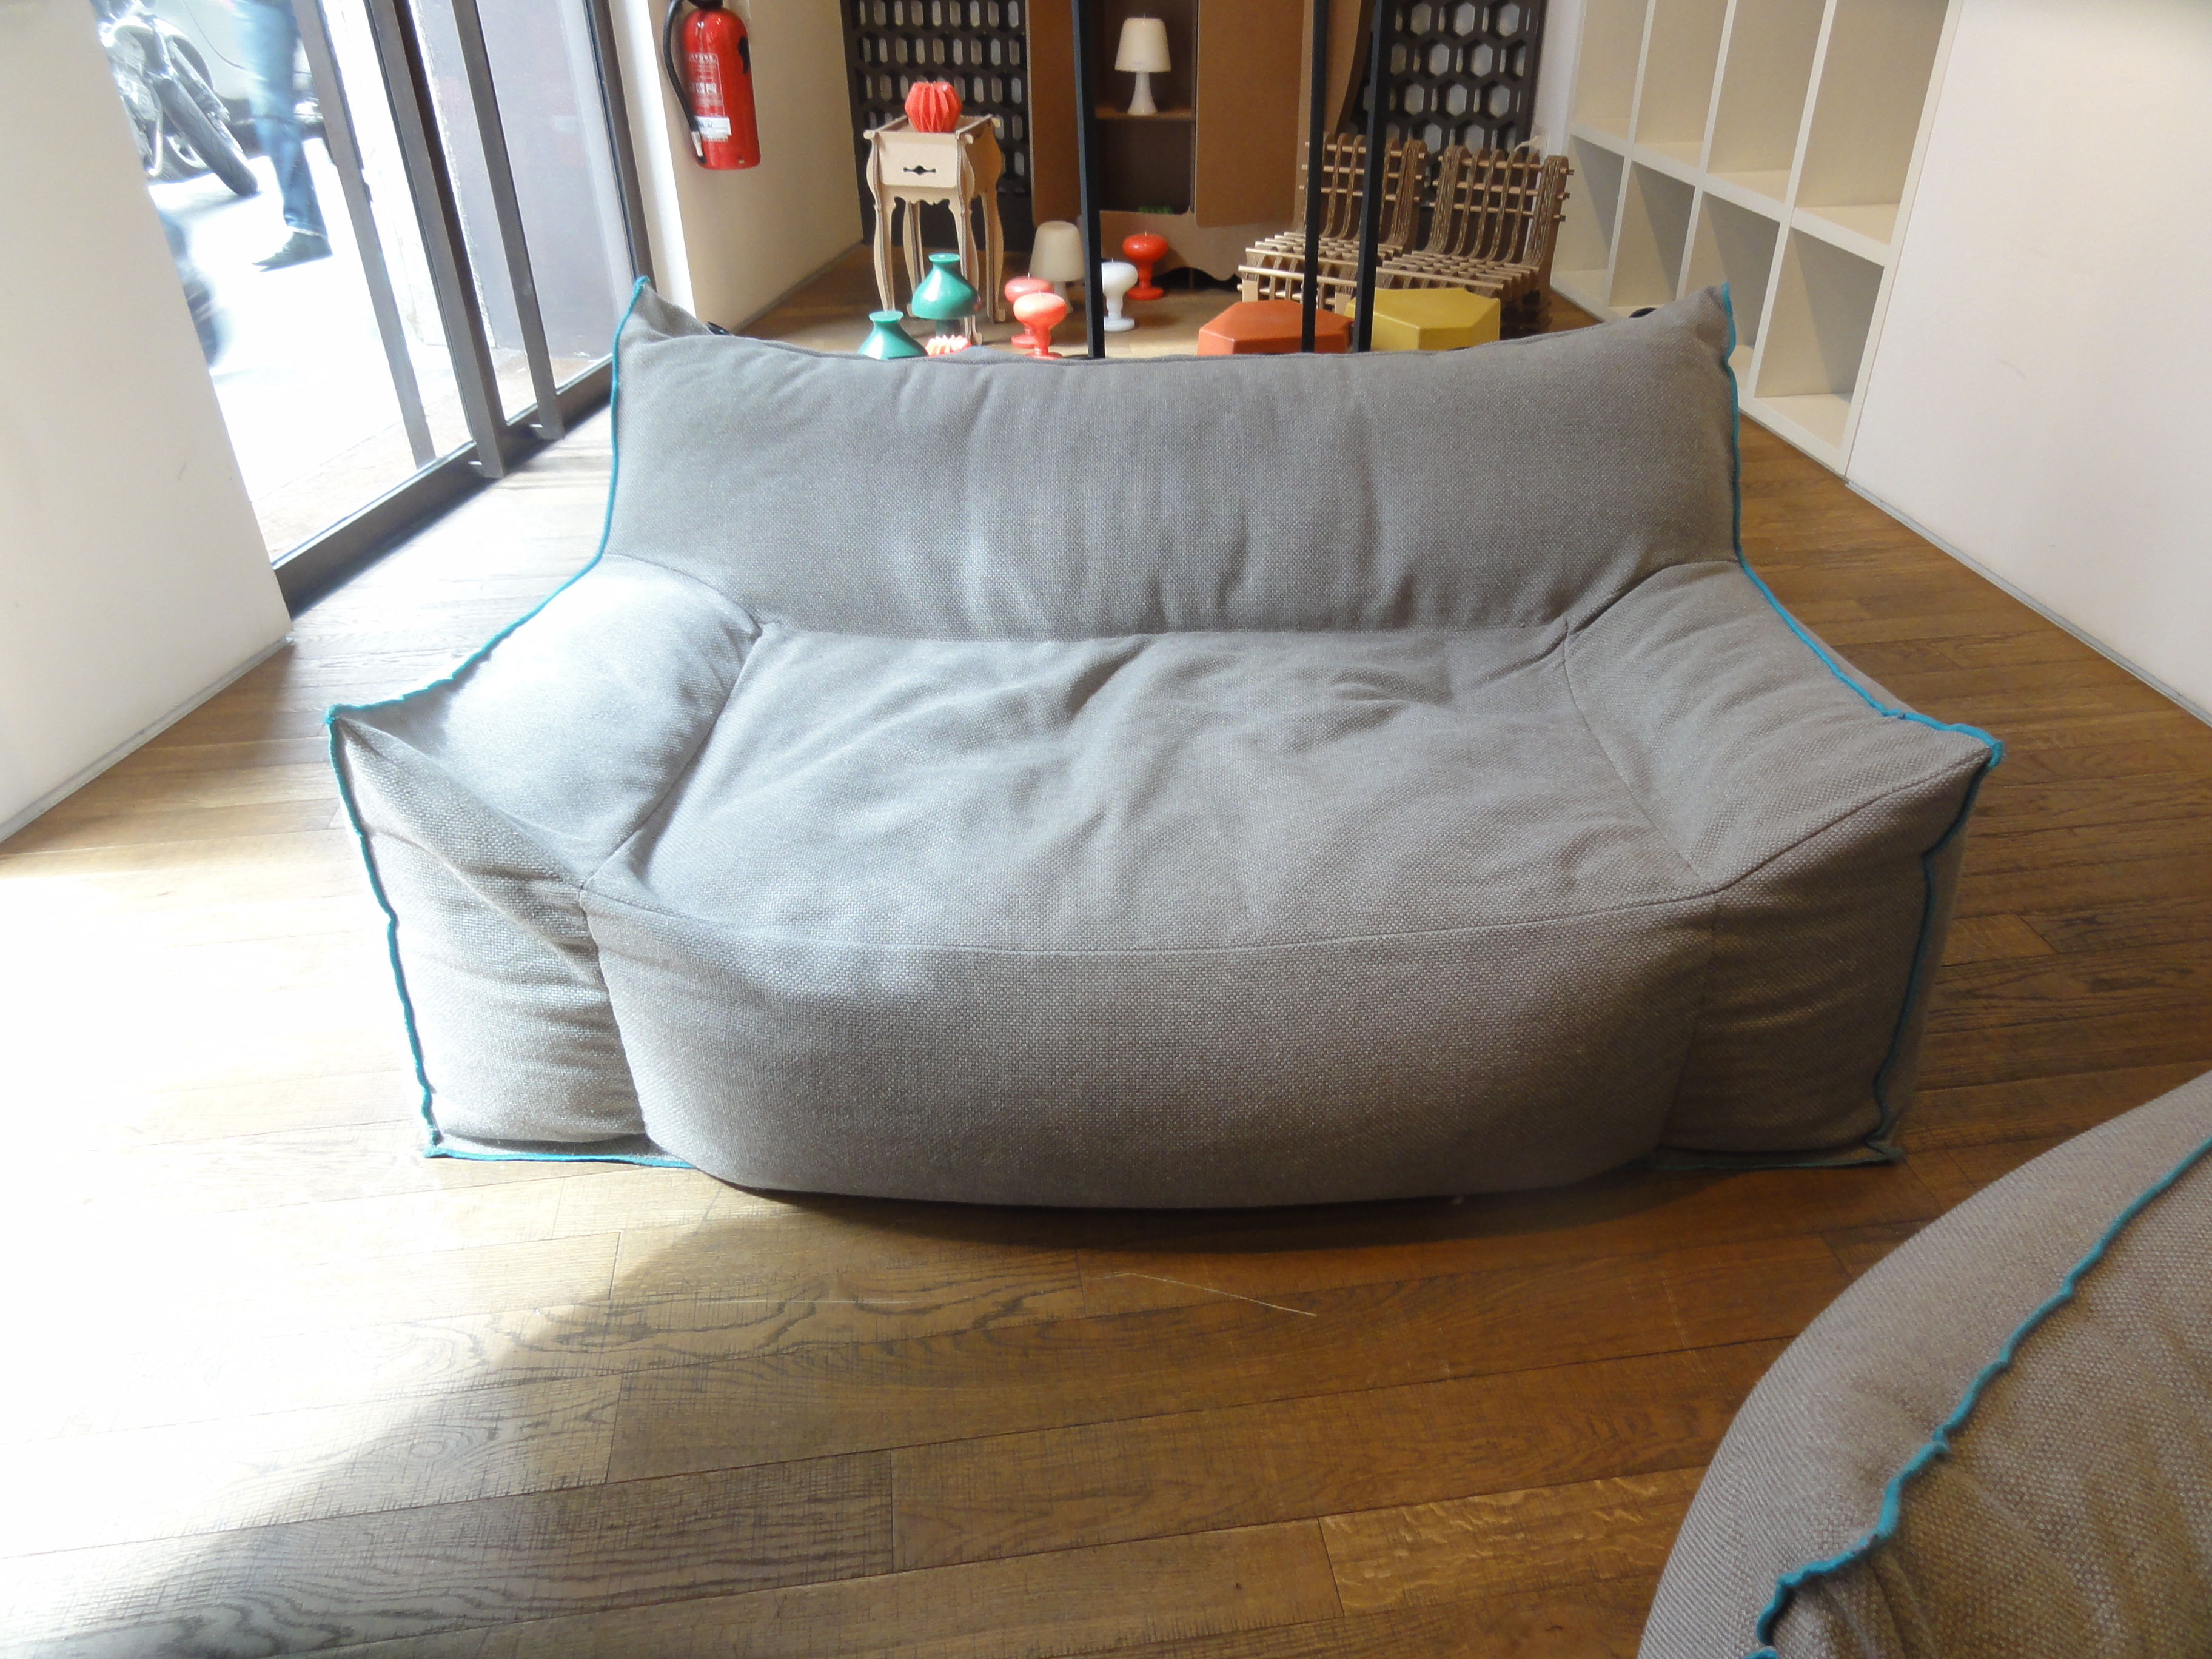 canap droit frollo tissu pour l 39 int rieur 2 places l 160 cm gris liser bleu skitsch. Black Bedroom Furniture Sets. Home Design Ideas